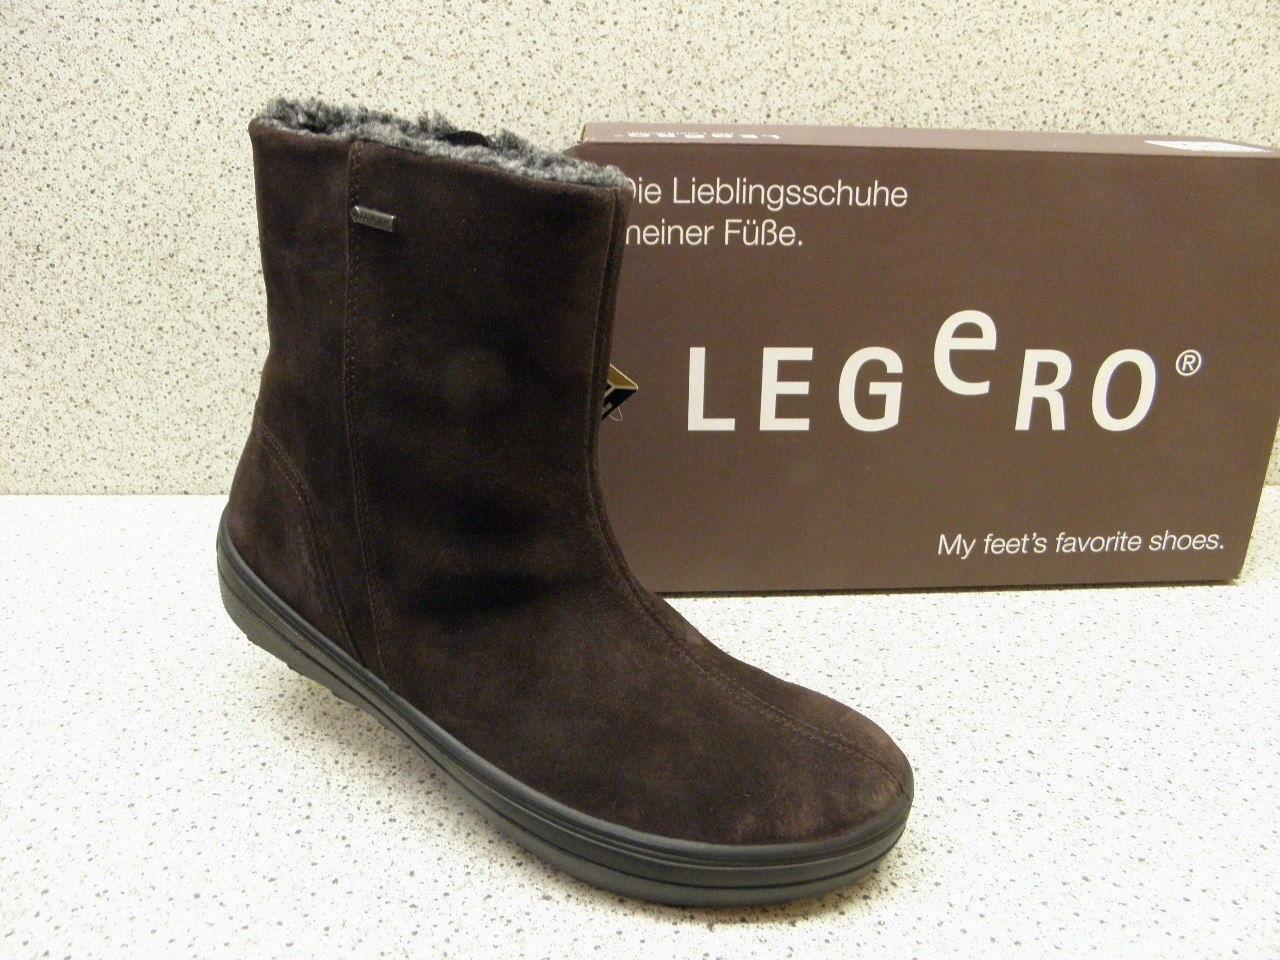 Legero ® rotuziert, bisher  ,  Stiefel Leder Gore-Tex ® braun (L6)